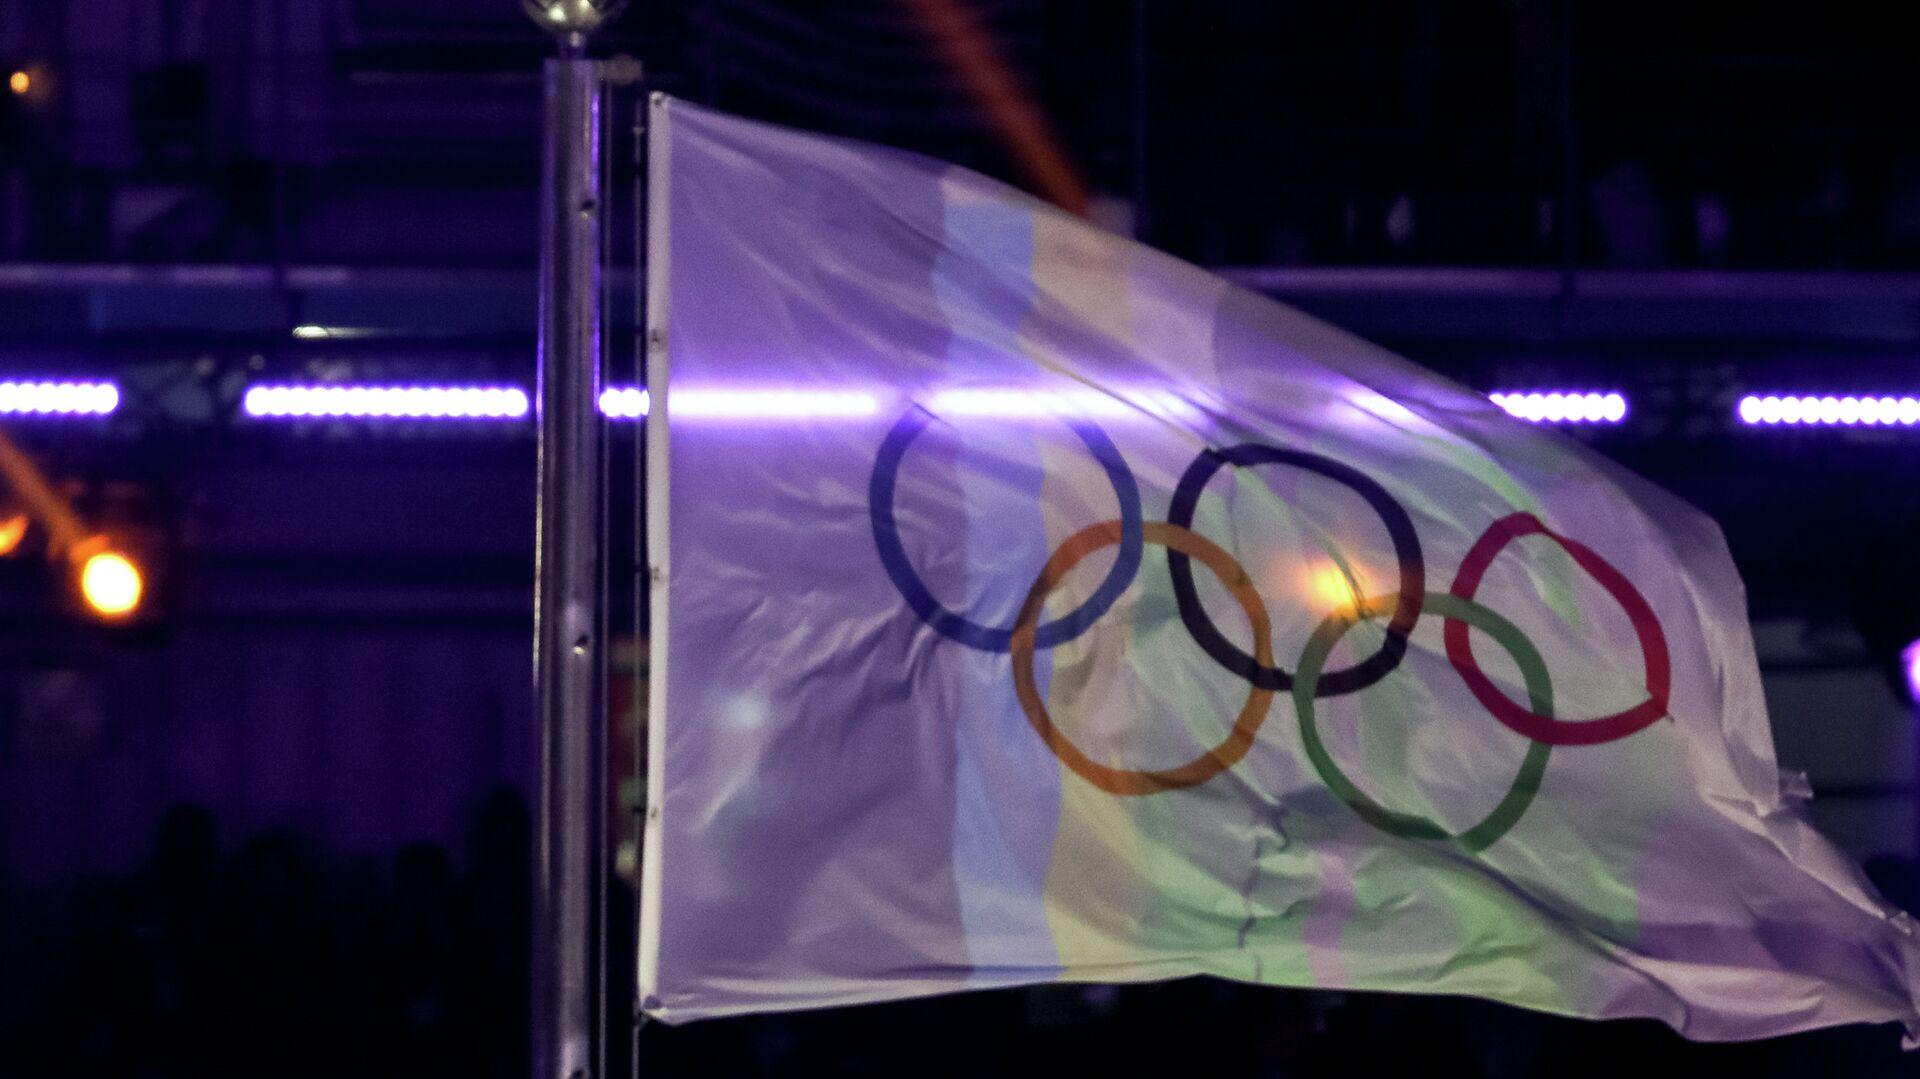 Флаги Южной Кореи и МОК (олимпийские кольца) - РИА Новости, 1920, 01.09.2020